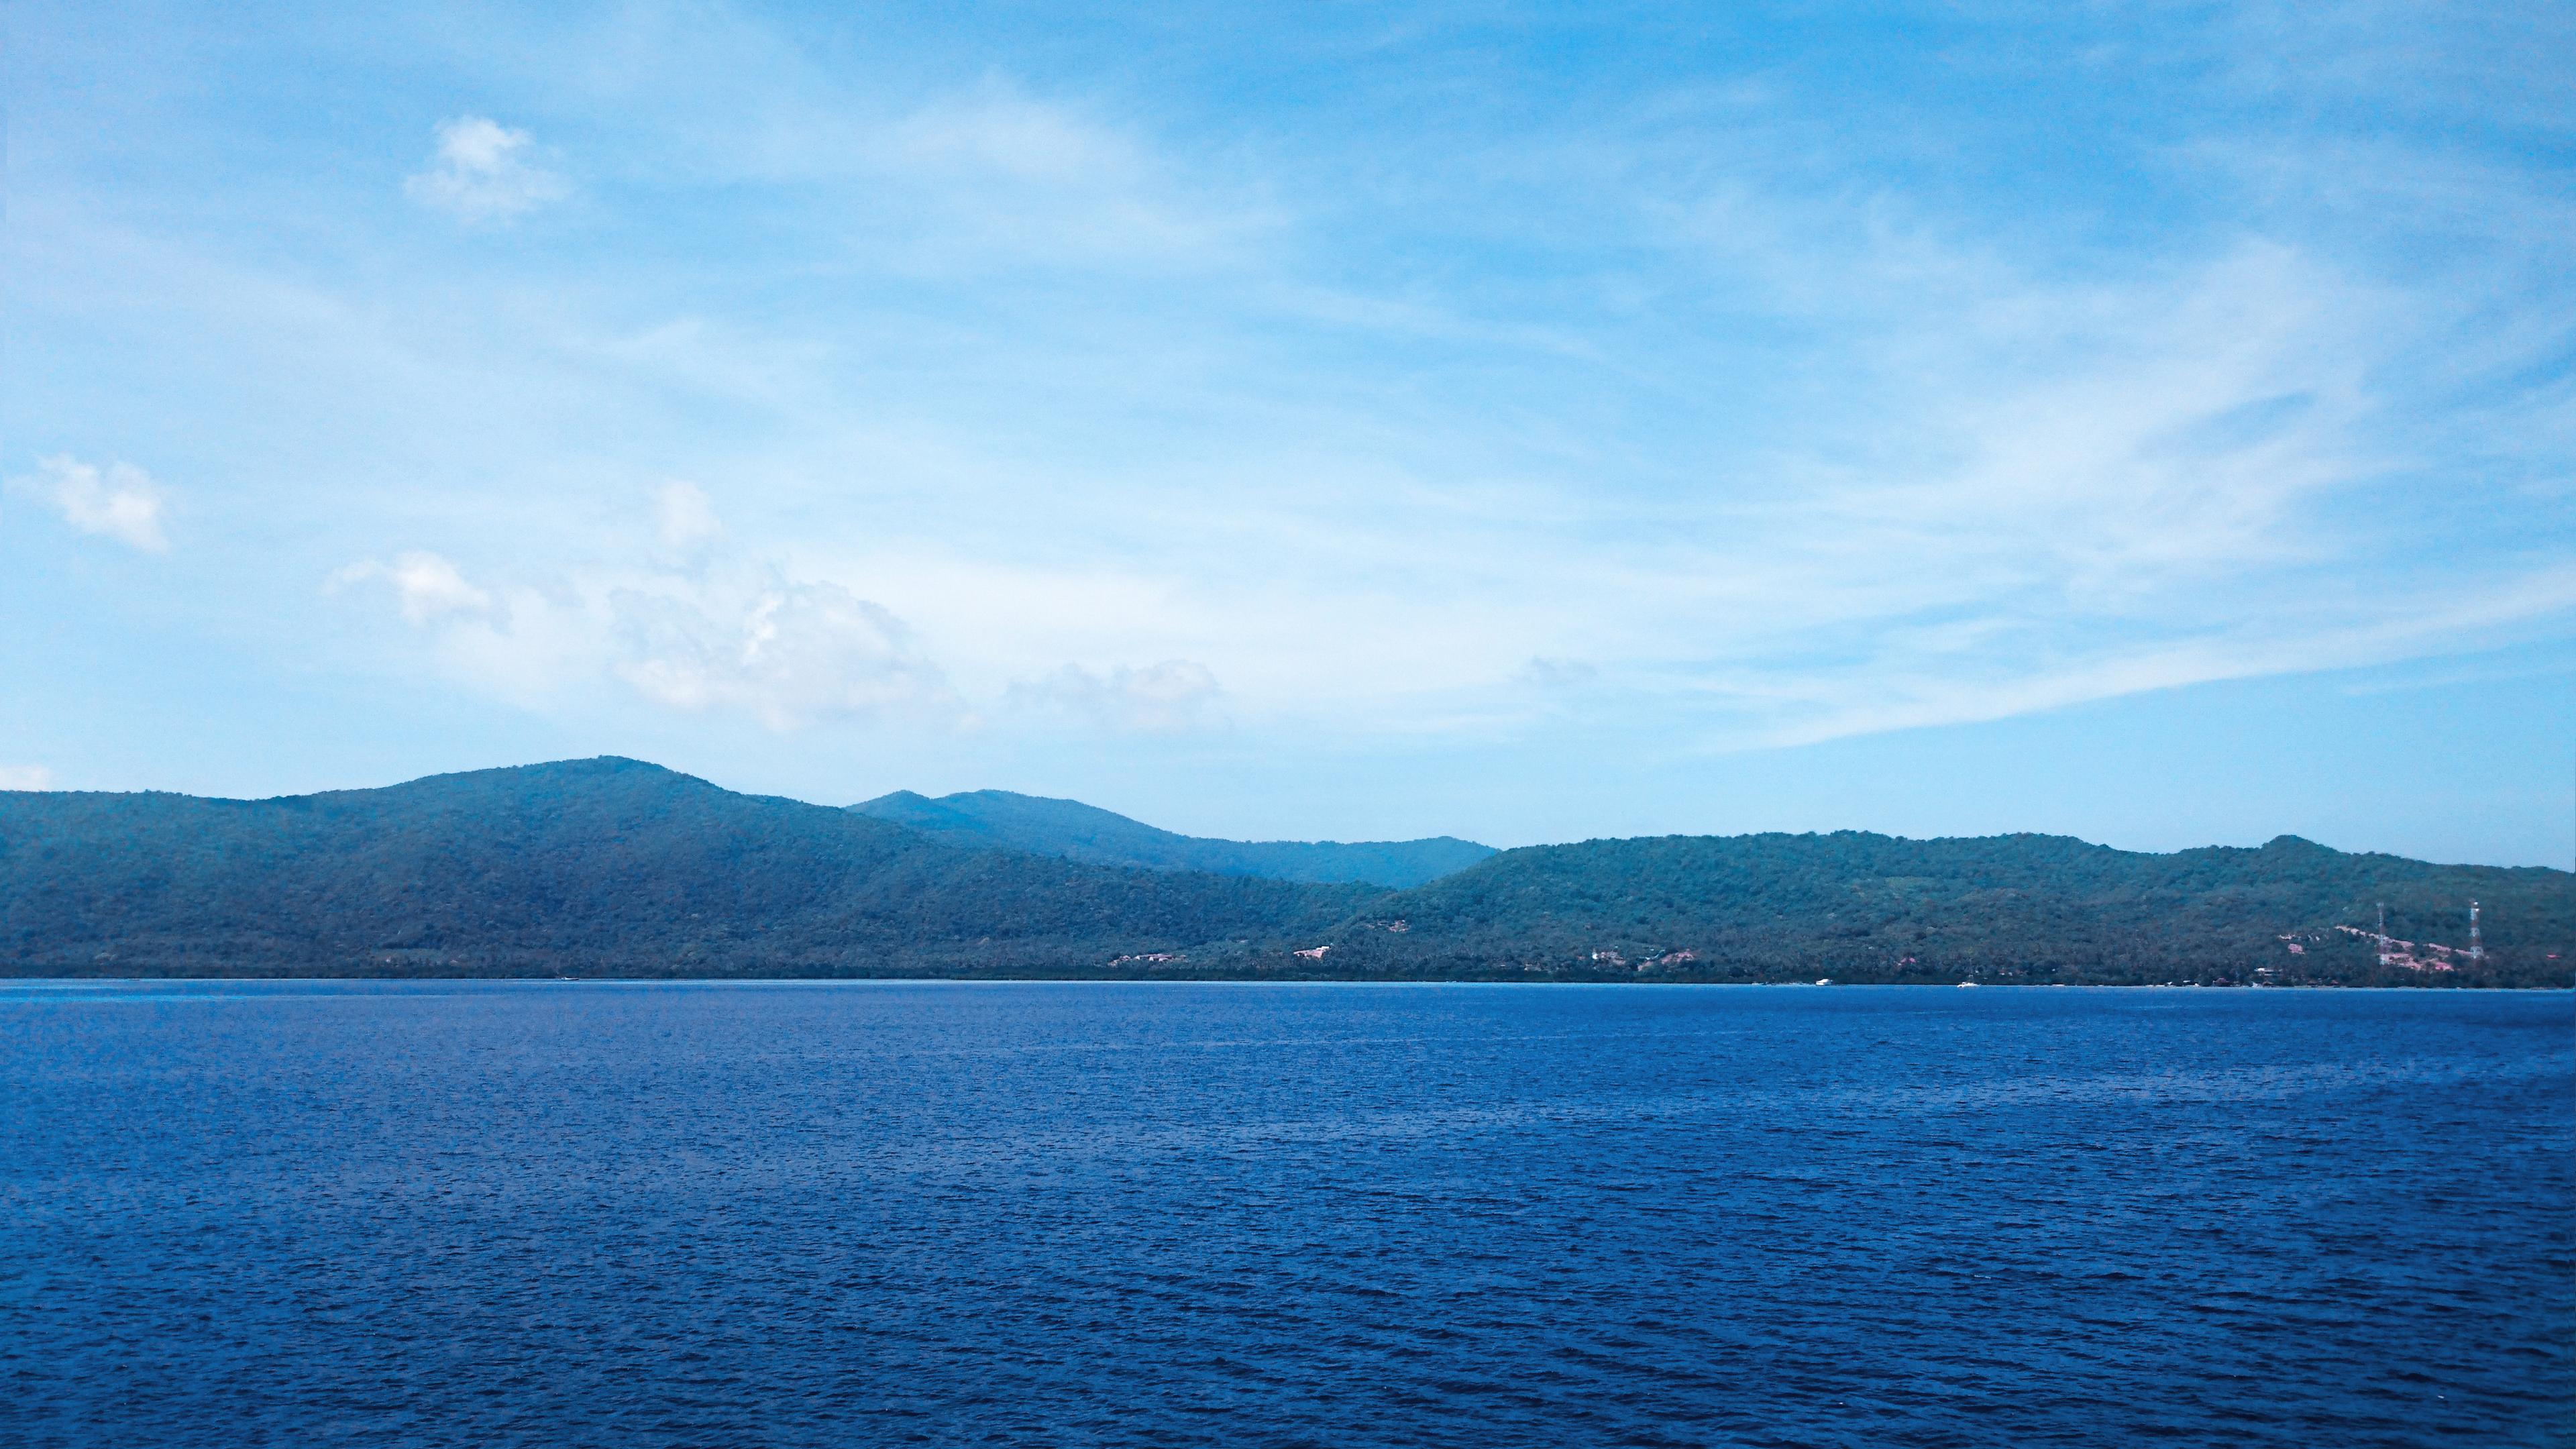 Images Gratuites Ciel Bleu Horizon Paysage Ligne Monter